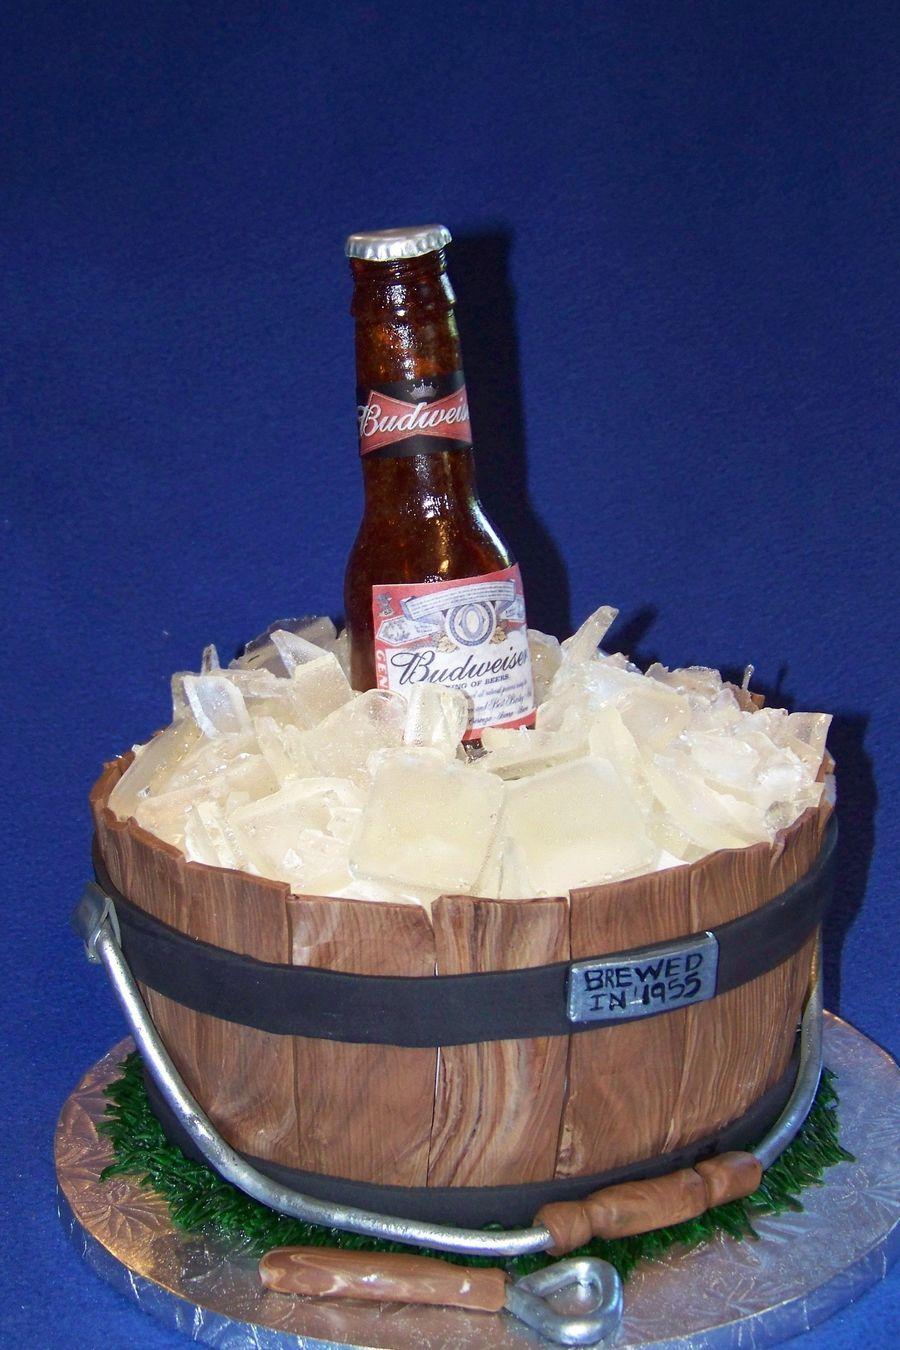 Beer Bottle Cake With Images Beer Bottle Cake Bottle Cake